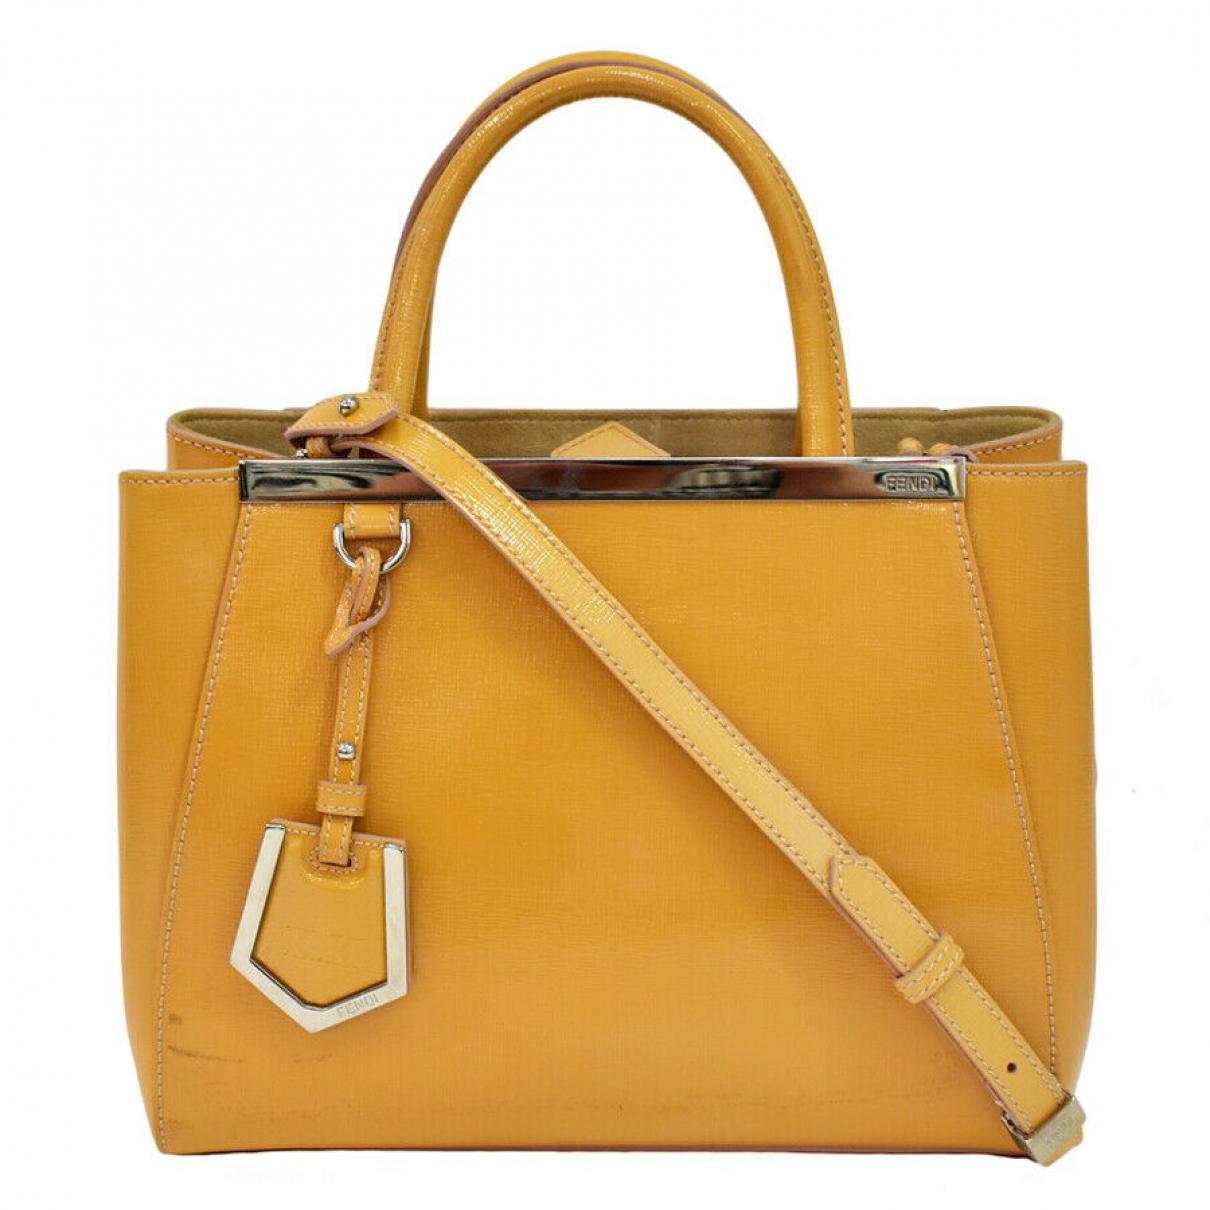 Fendi - Sac a main   pour femme en cuir - jaune